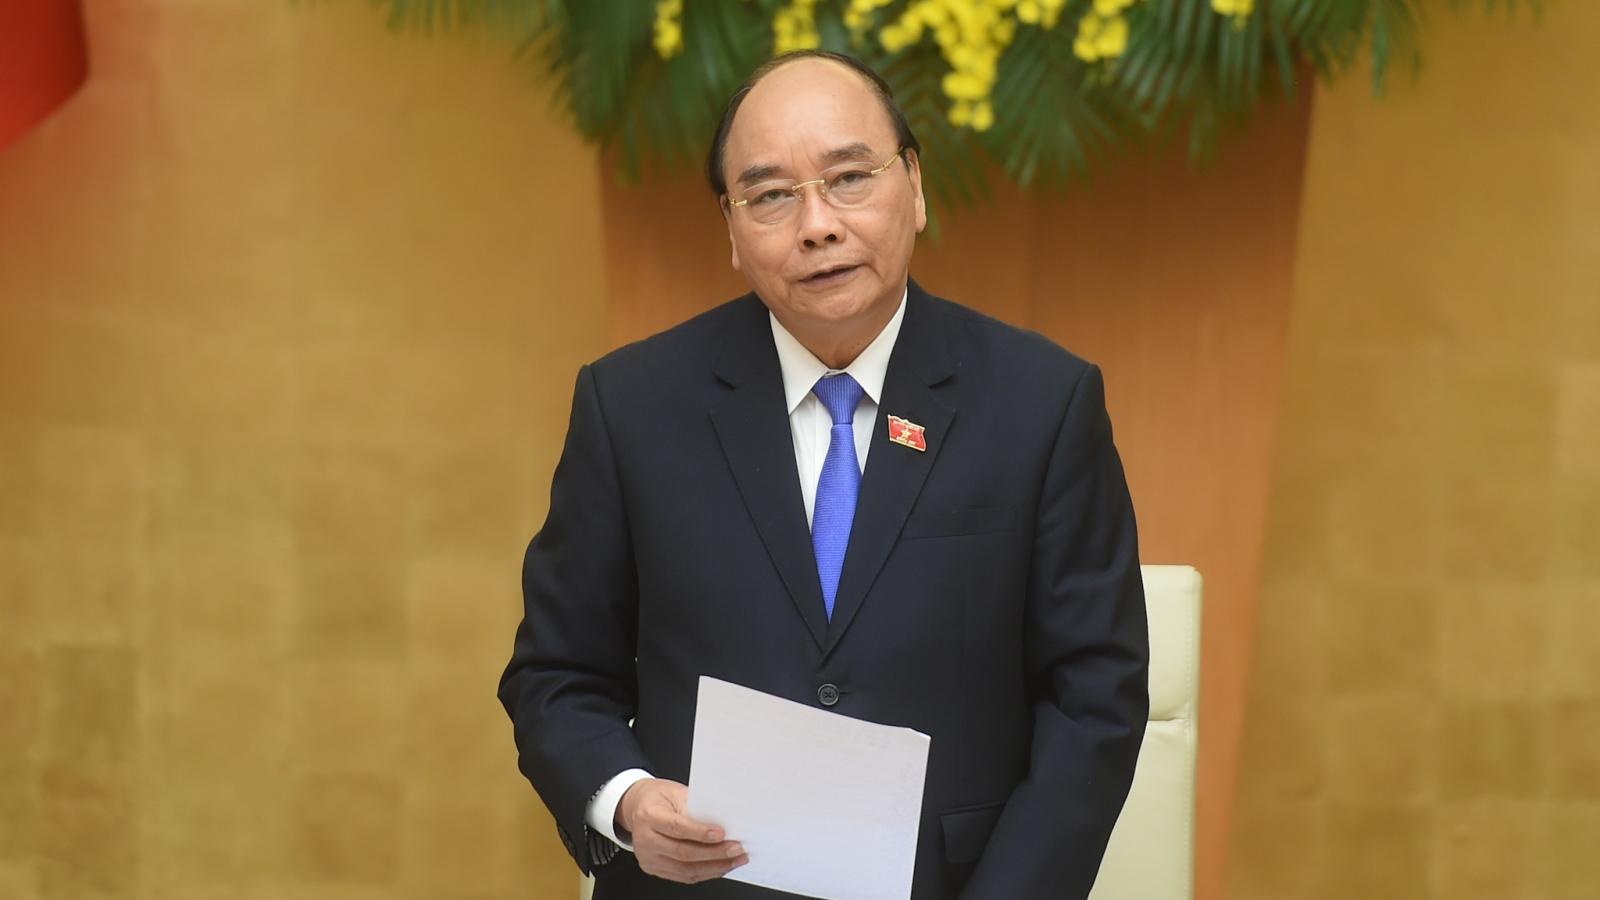 Thủ tướng chủ trì phiên họp Chính phủ thường kỳ cuối cùng của nhiệm kỳ